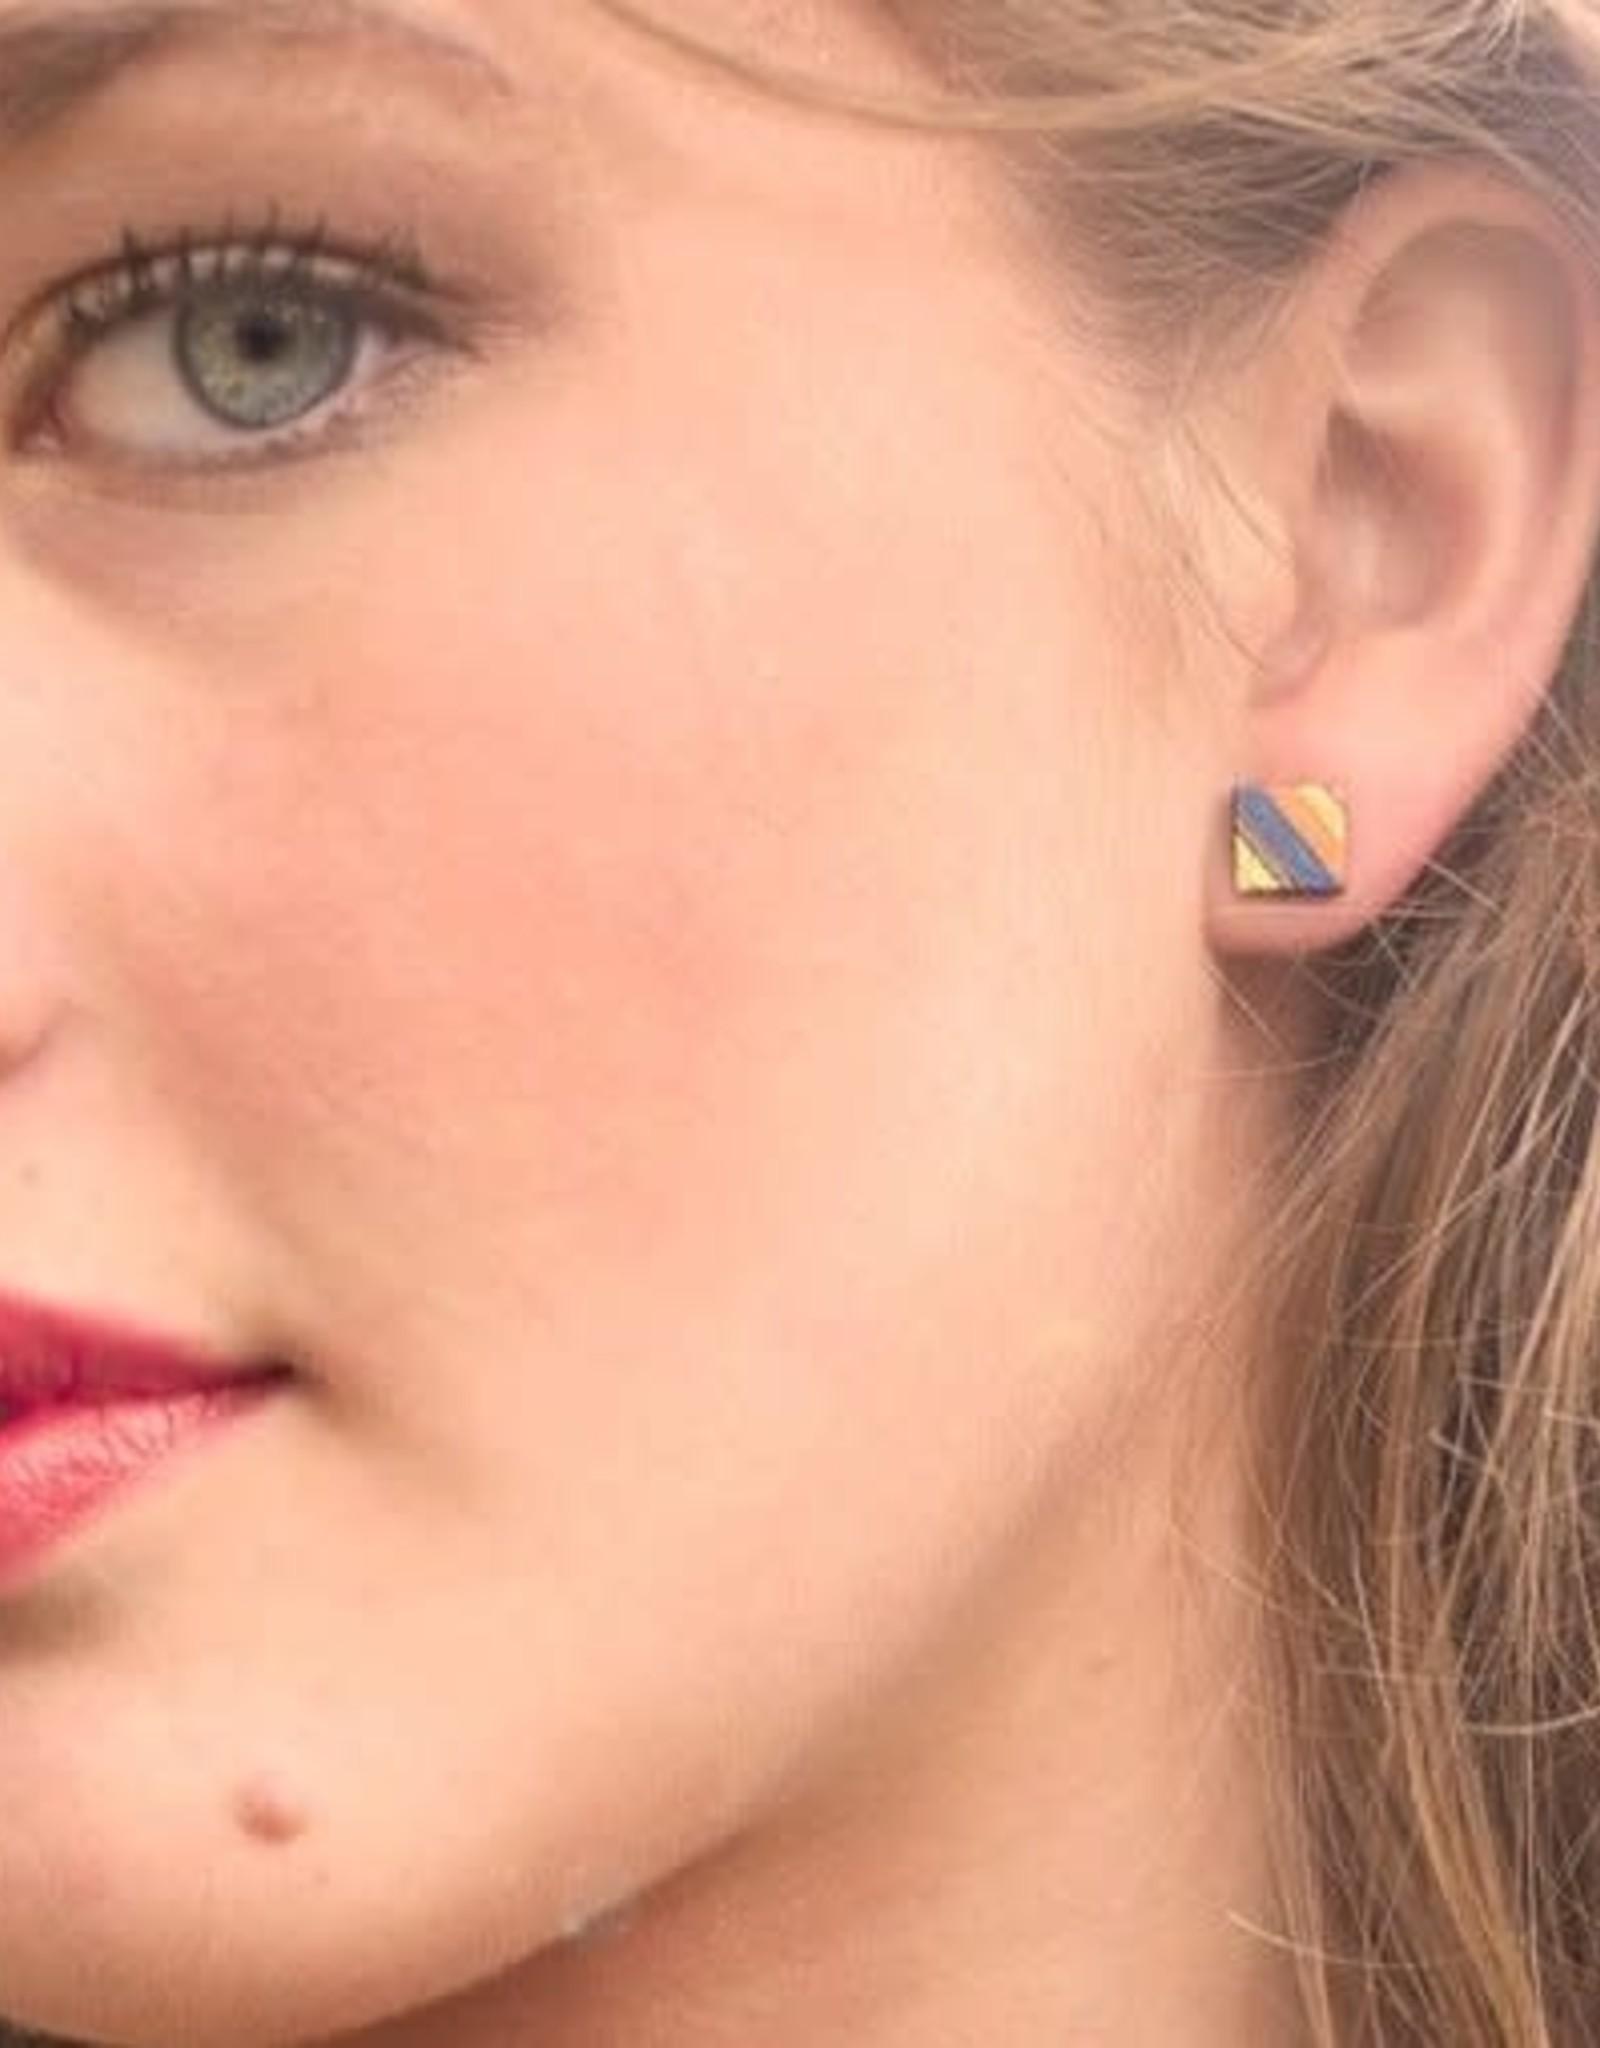 Maple XO Spectra Stud Earrings - Maple XO